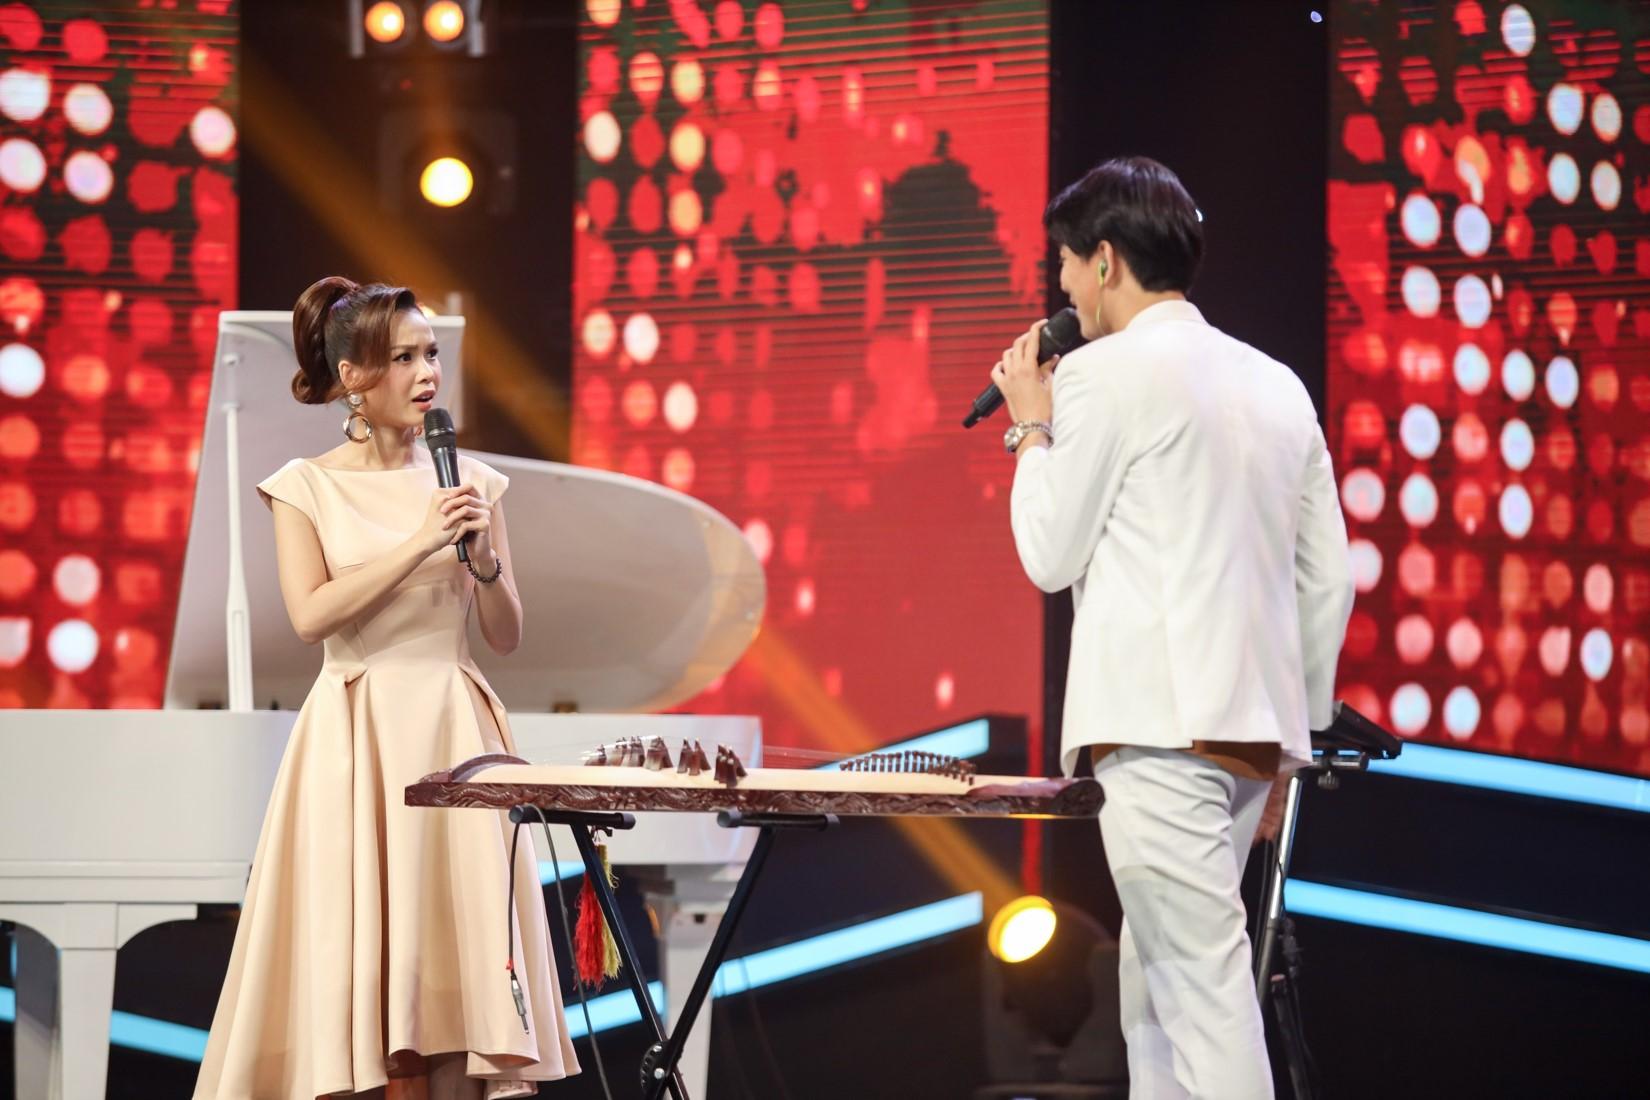 """Chồng cũ Trương Quỳnh Anh """"thả thính"""" nữ vũ công trên sóng truyền hình - 1"""